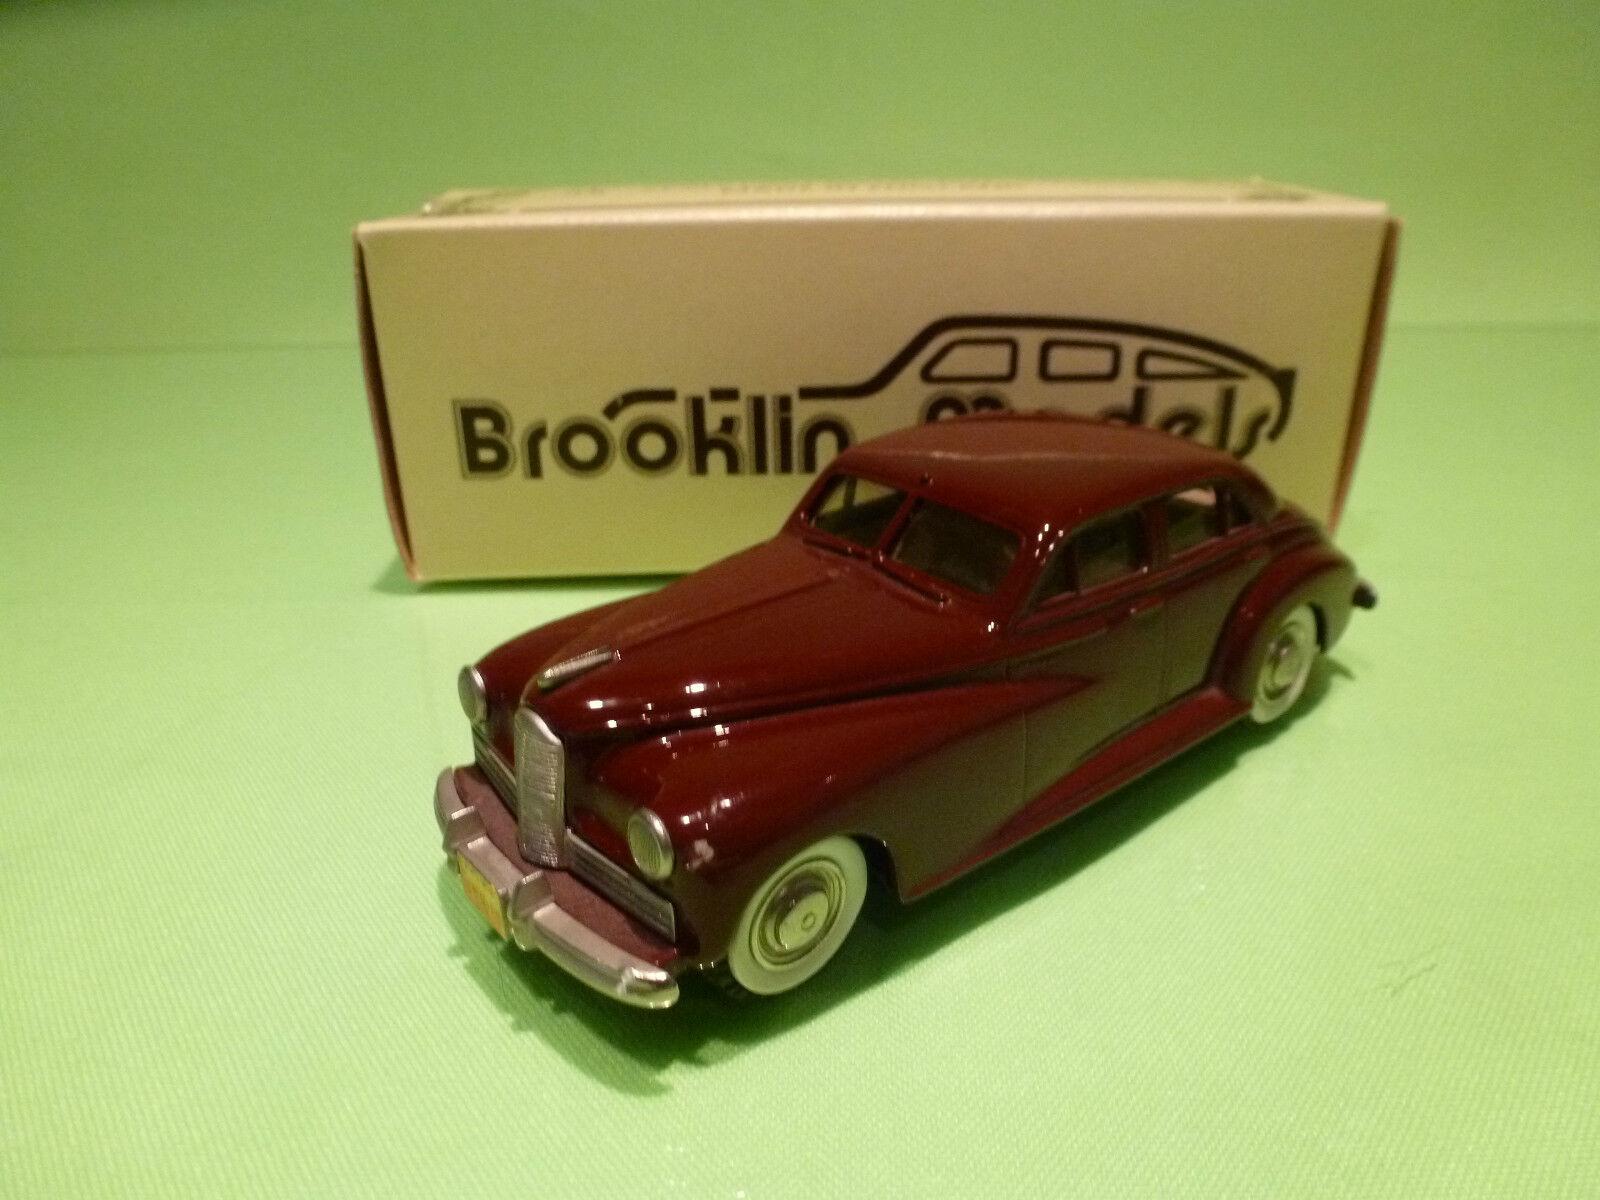 BROOKLIN MODELS BRK 18 PACKARD CLIPPER 1941 - 1 43 - RARE SELTEN - NMIB